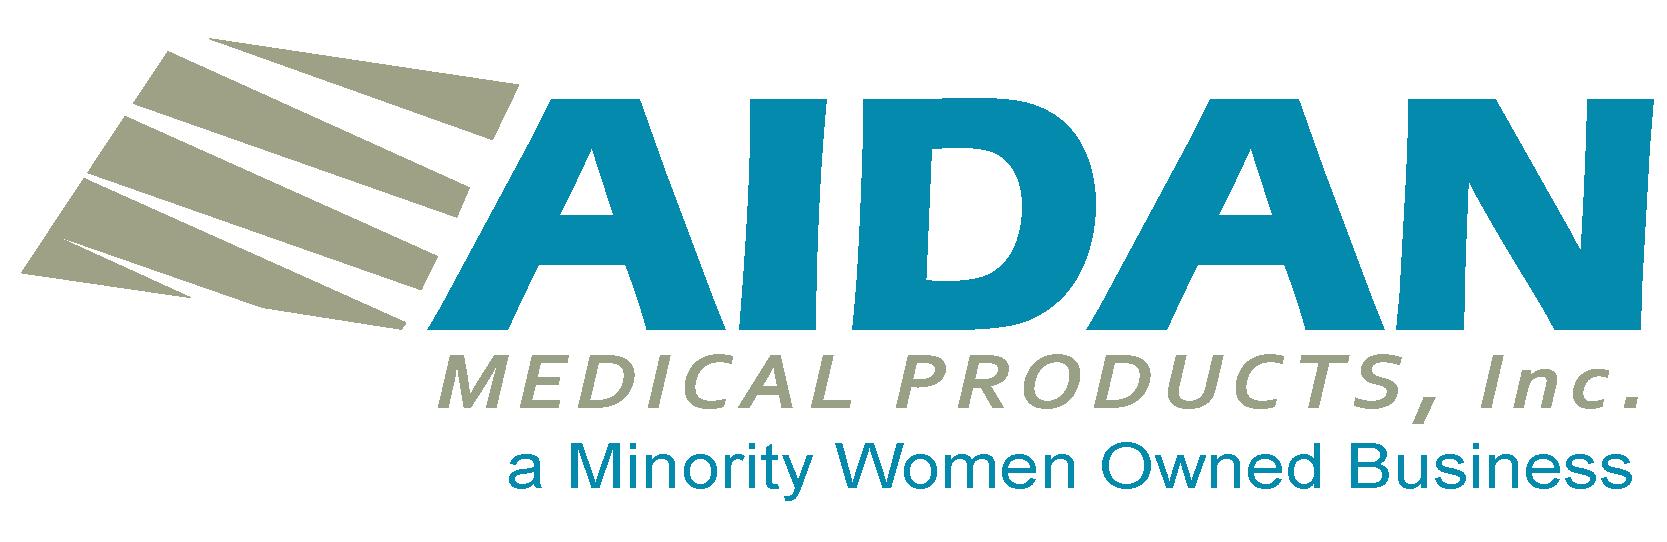 Aidan Medical Logo